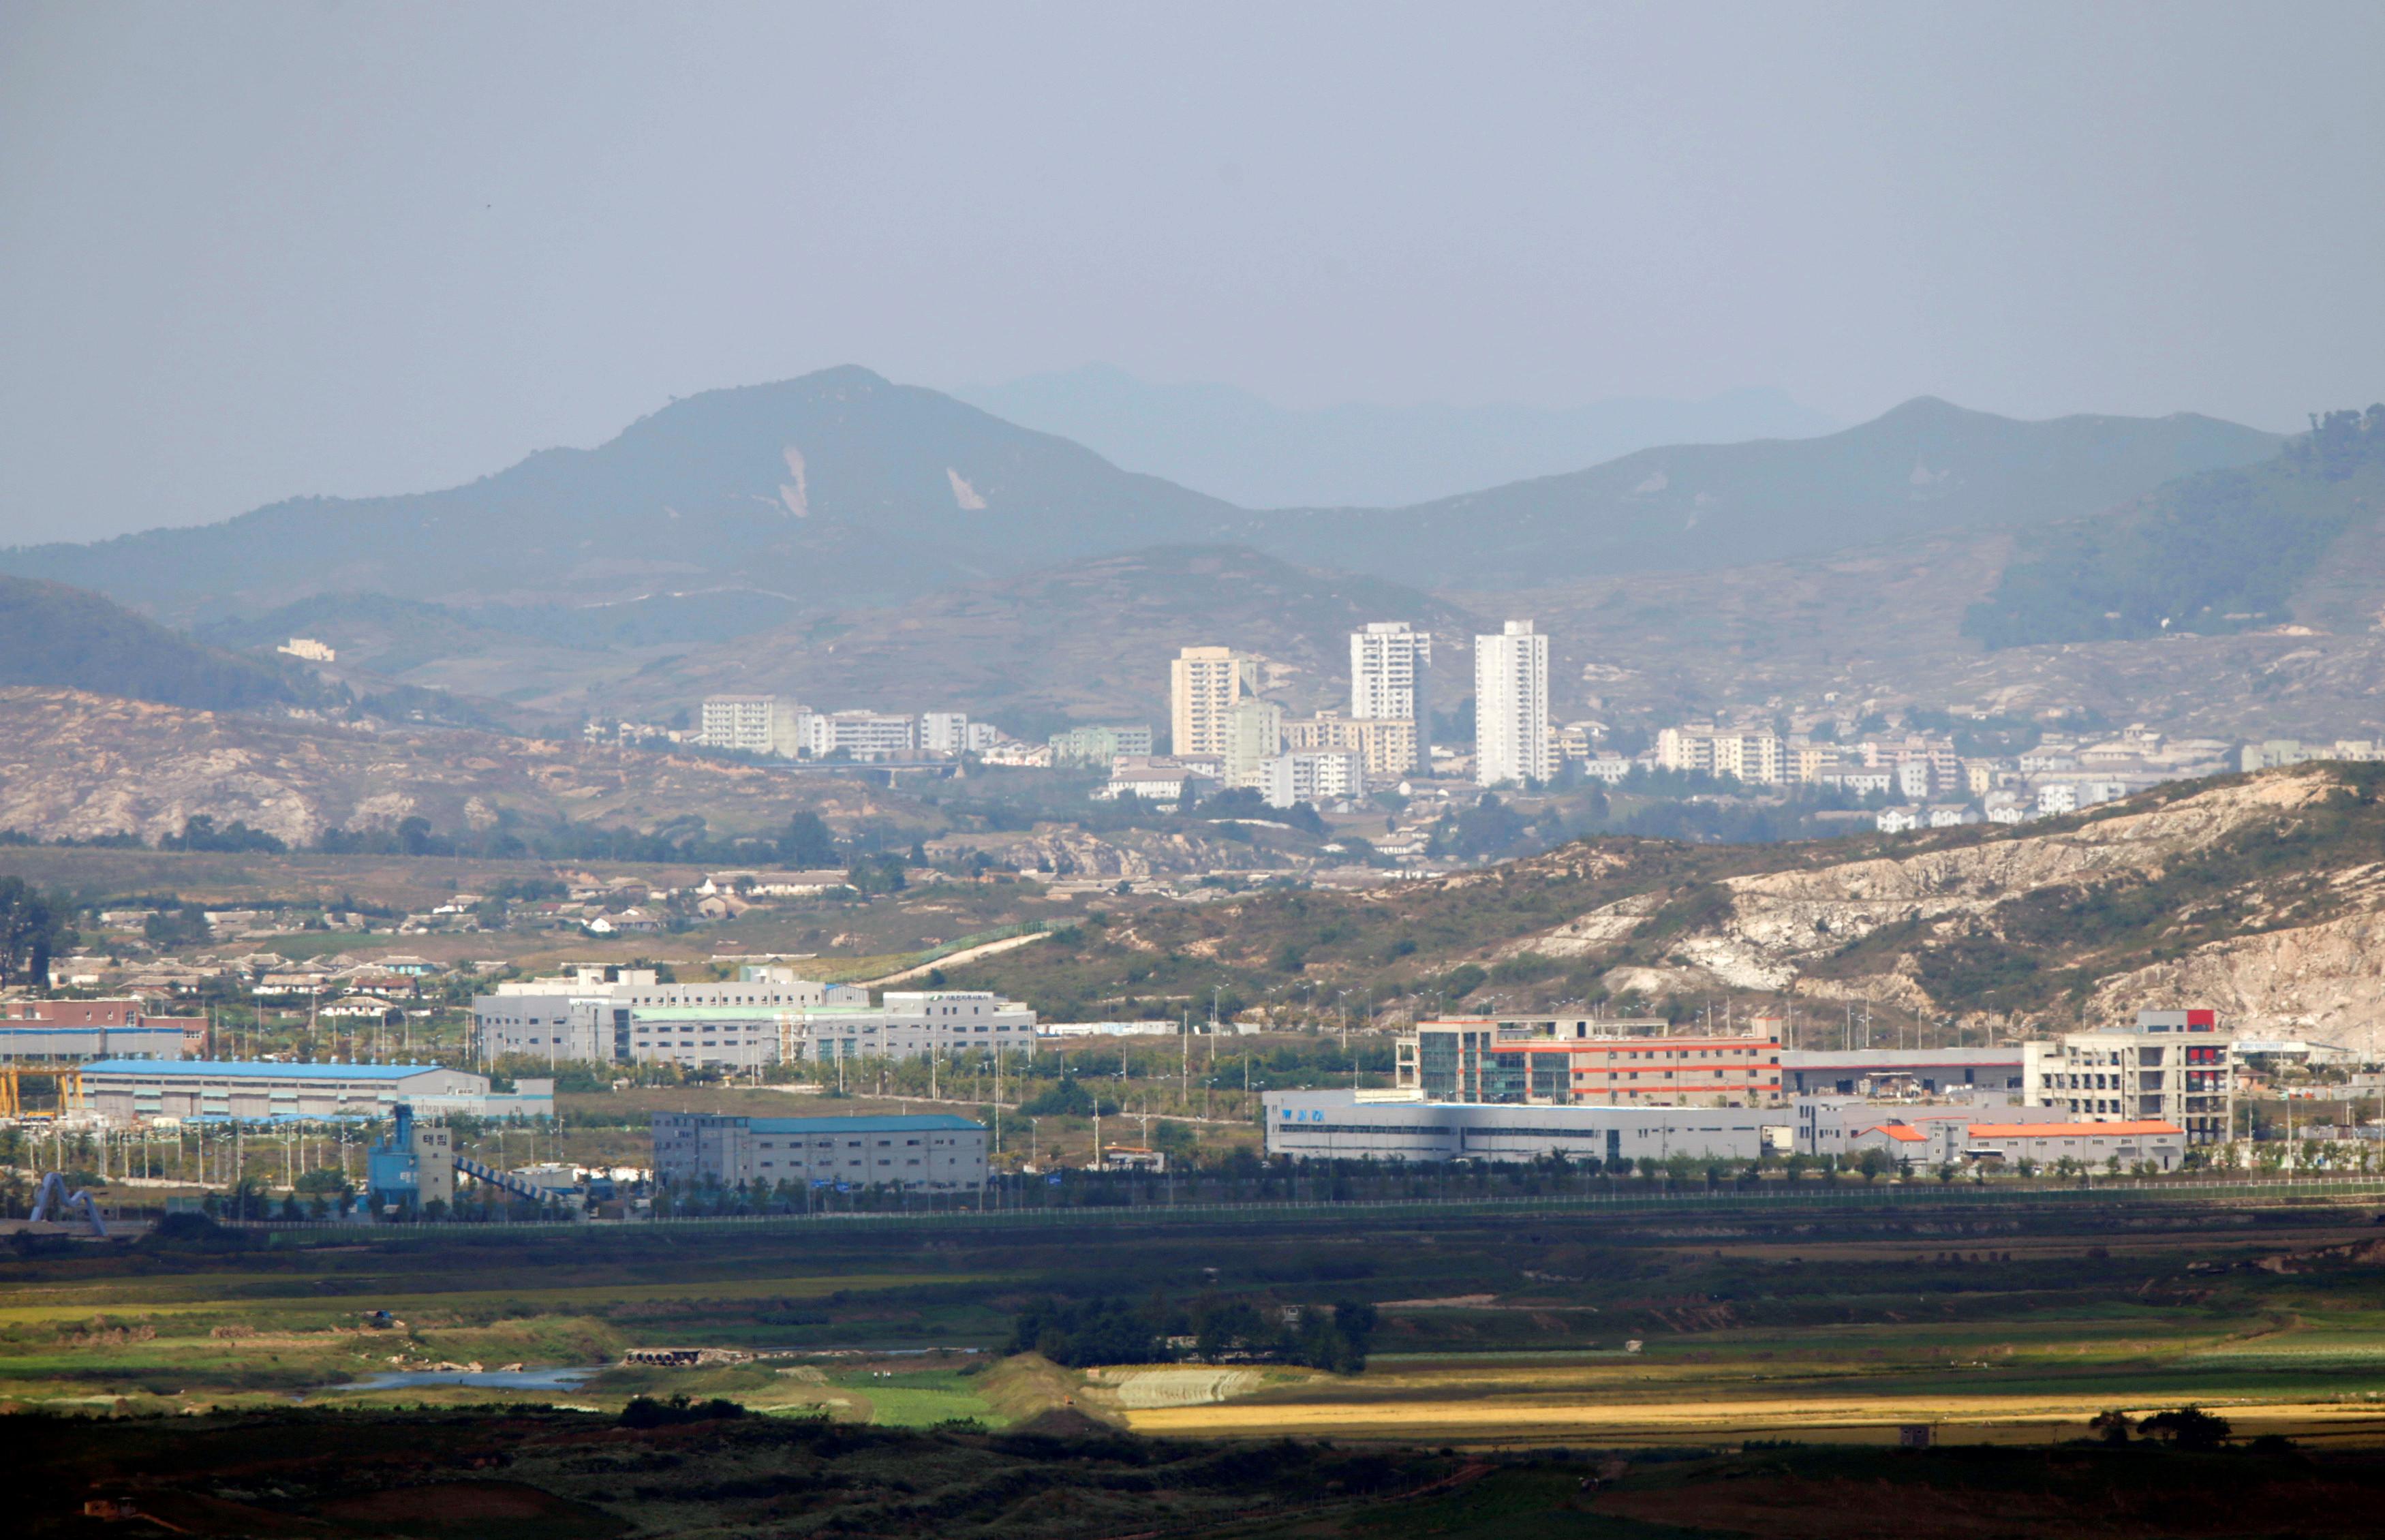 ▲▼24歲脫北者金某重返北韓後出現疑似症狀,北韓當局封鎖開城。(圖/路透社)